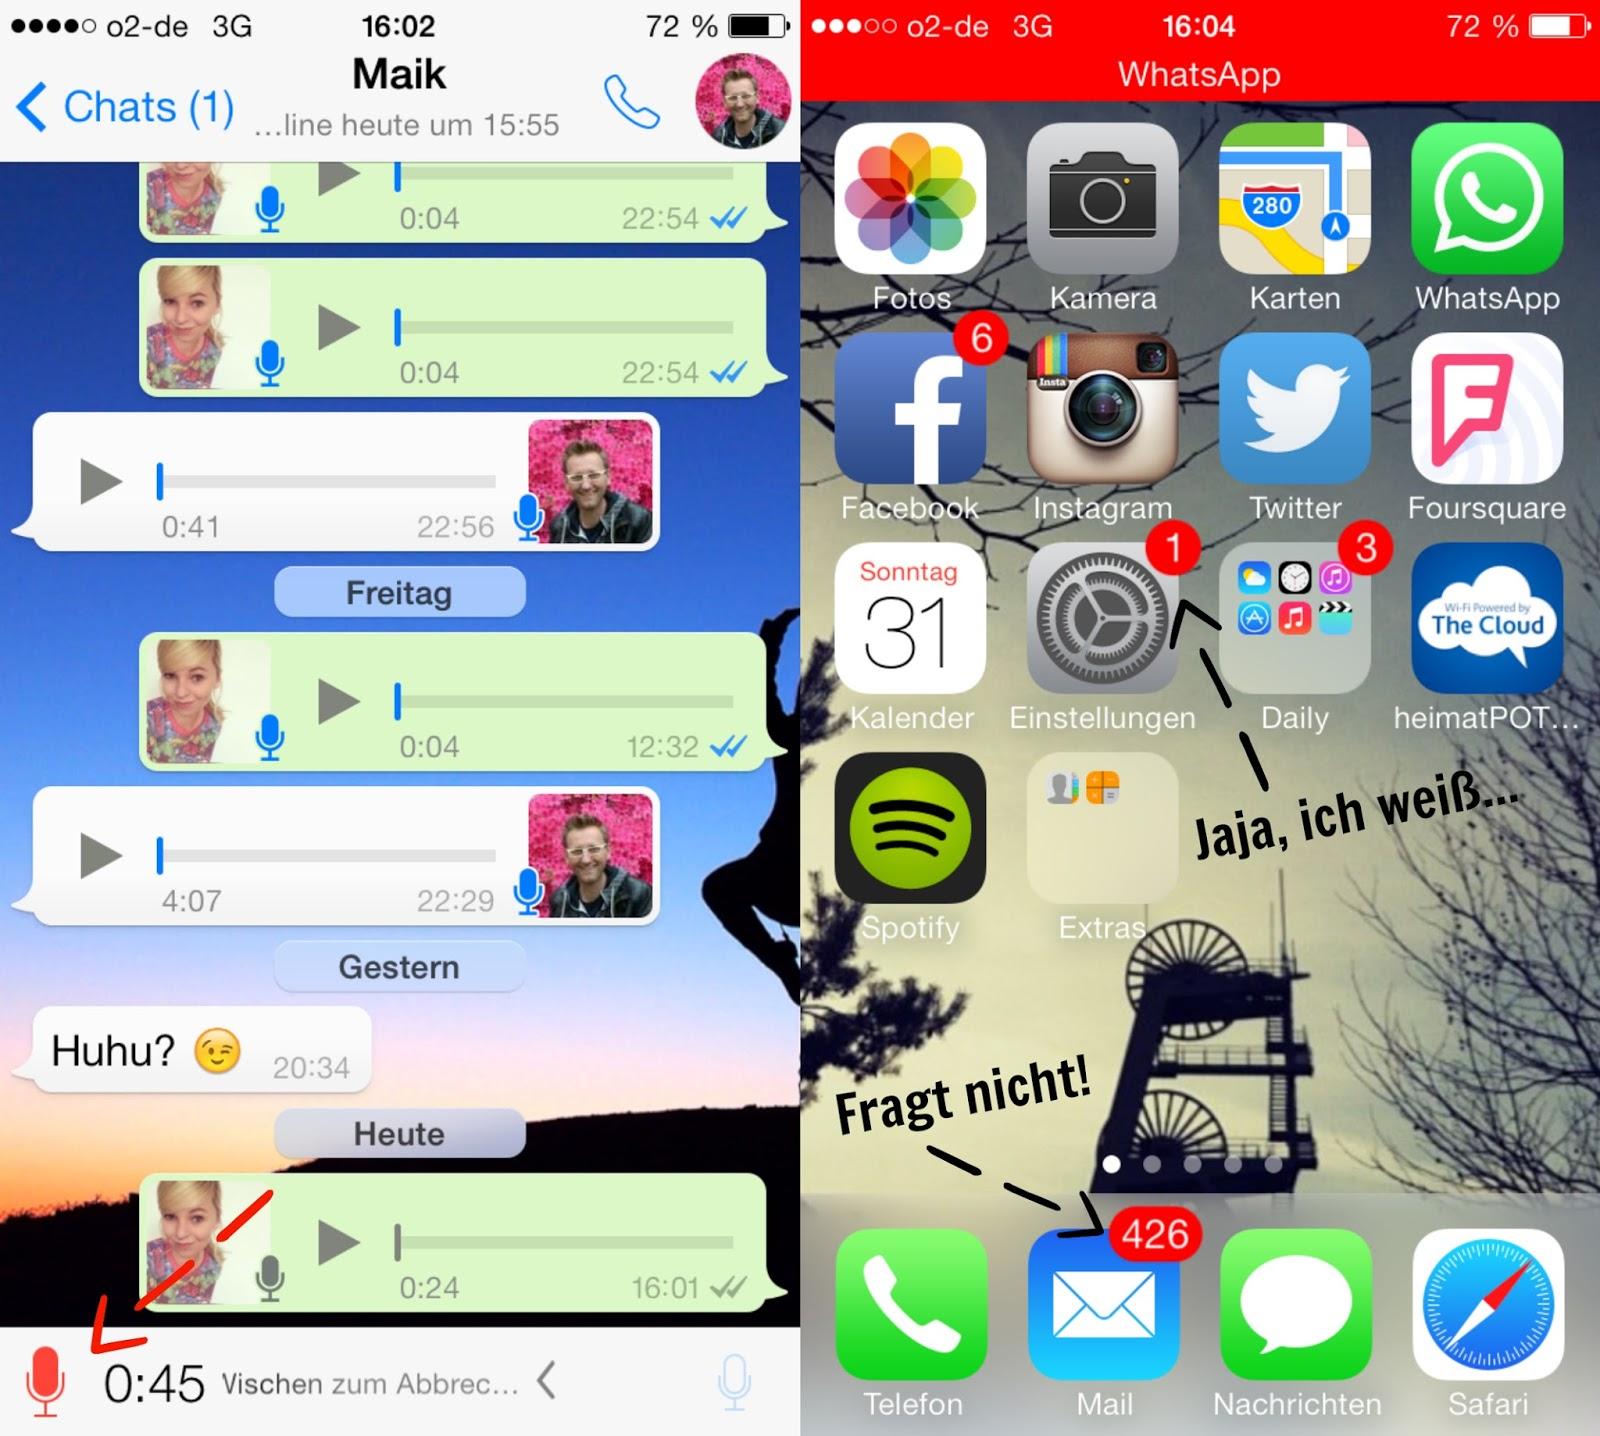 Lustige Whatsapp Bilder Zum Verschicken - WhatsApp Ostergrüße: Sprüche mit Bildern und Videos